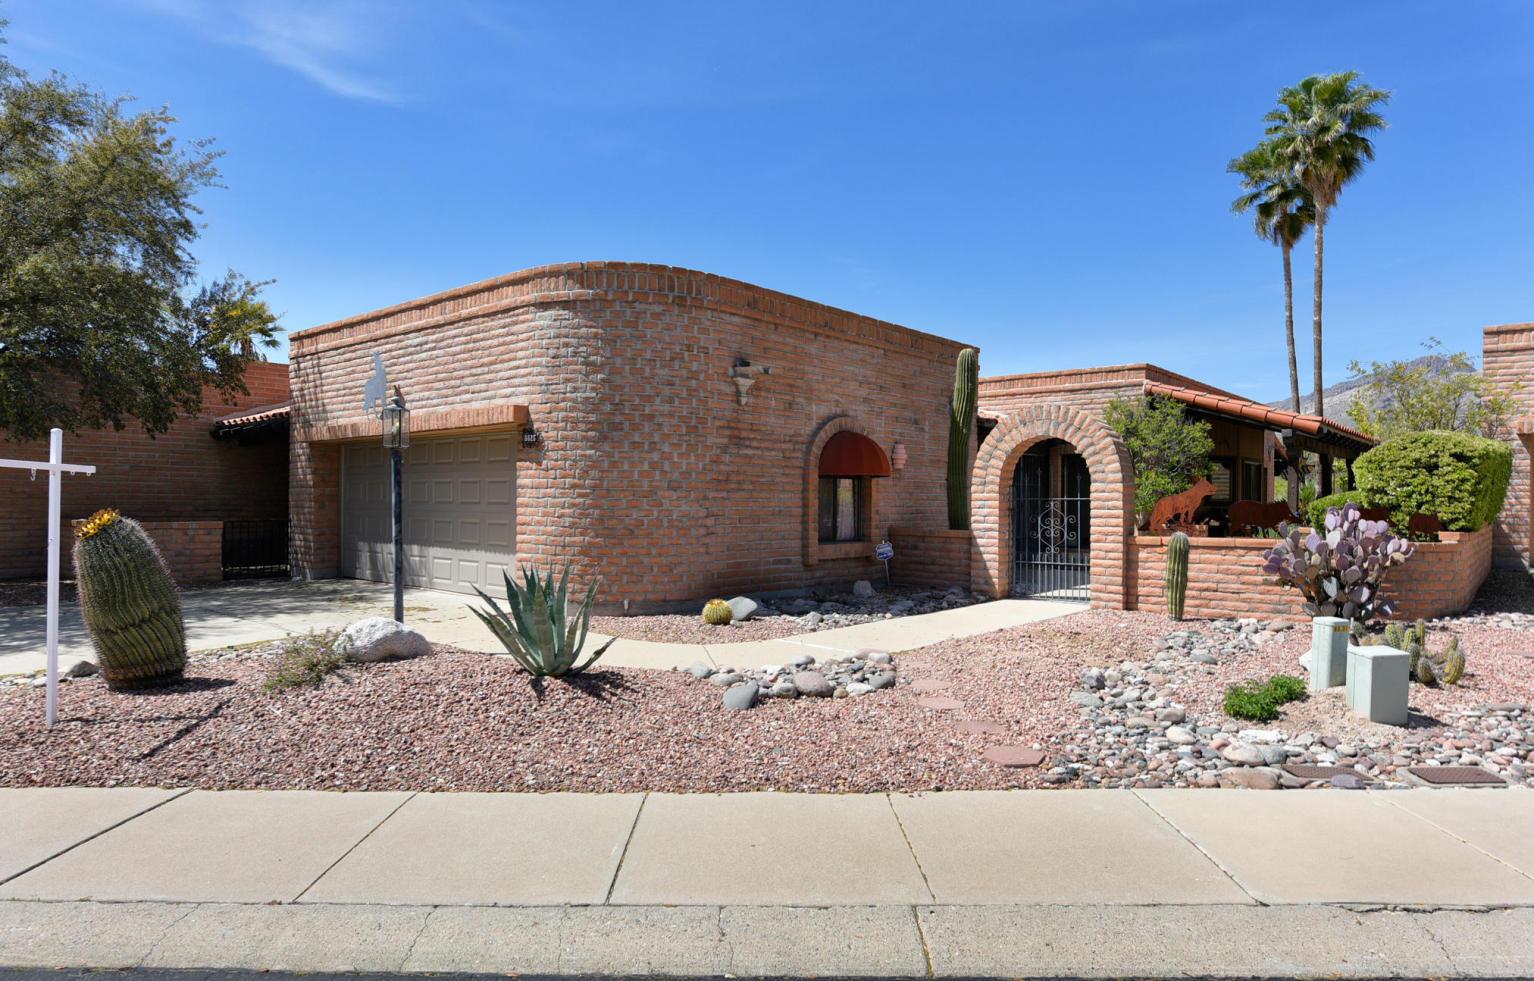 联栋屋 为 销售 在 Sunrise Territory Estates Lot 119 6625 E Via Algardi 图森, 亚利桑那州, 85750 美国